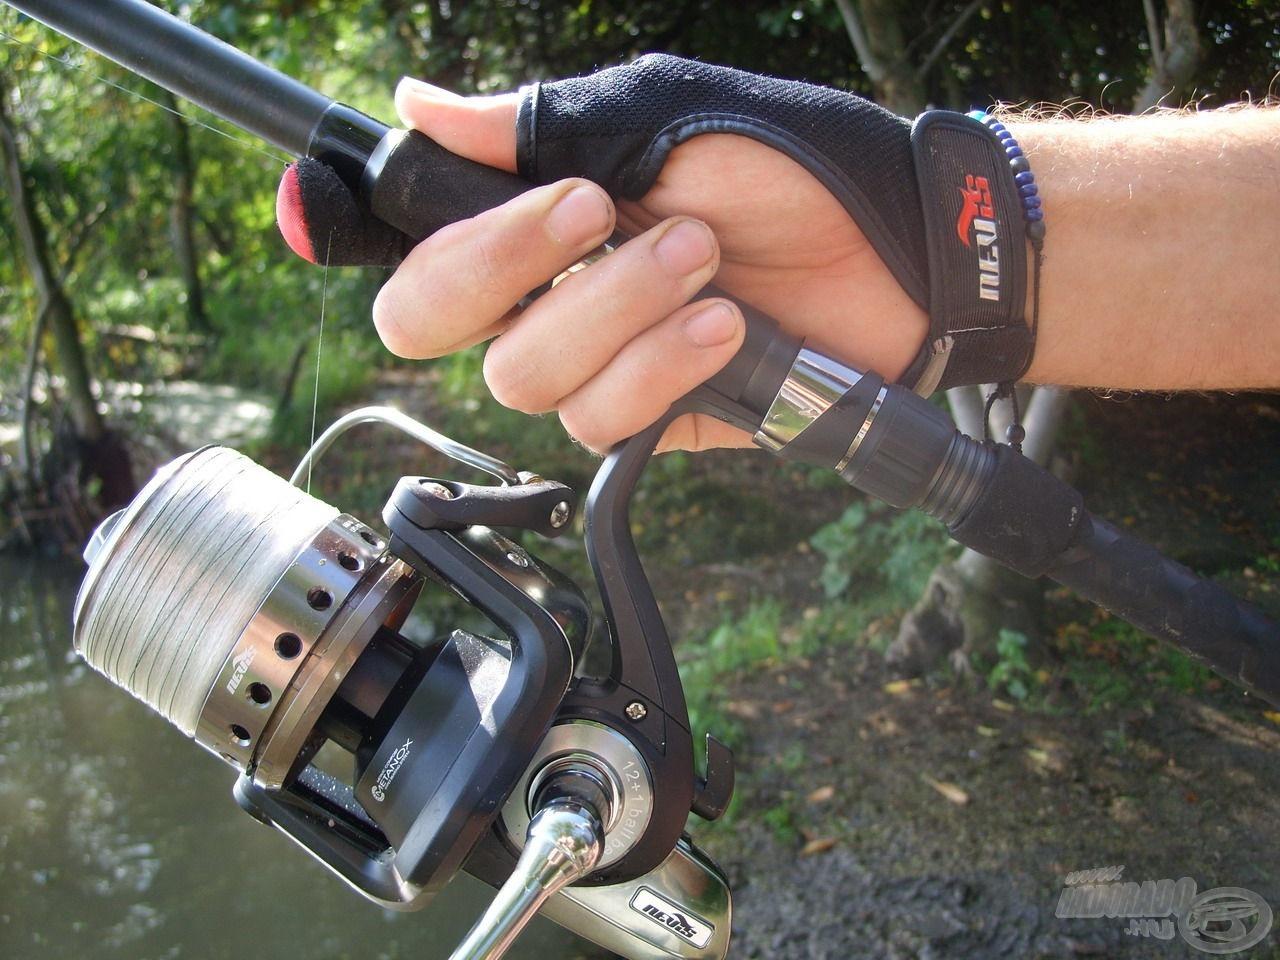 A távoli dobásokhoz ezen a horgászatomon is használtam fonott dobóelőke zsinórt. Számomra ehhez elengedhetetlen kellék a dobókesztyű. A biztonságotok érdekében ne feledkezzetek meg róla ti sem!